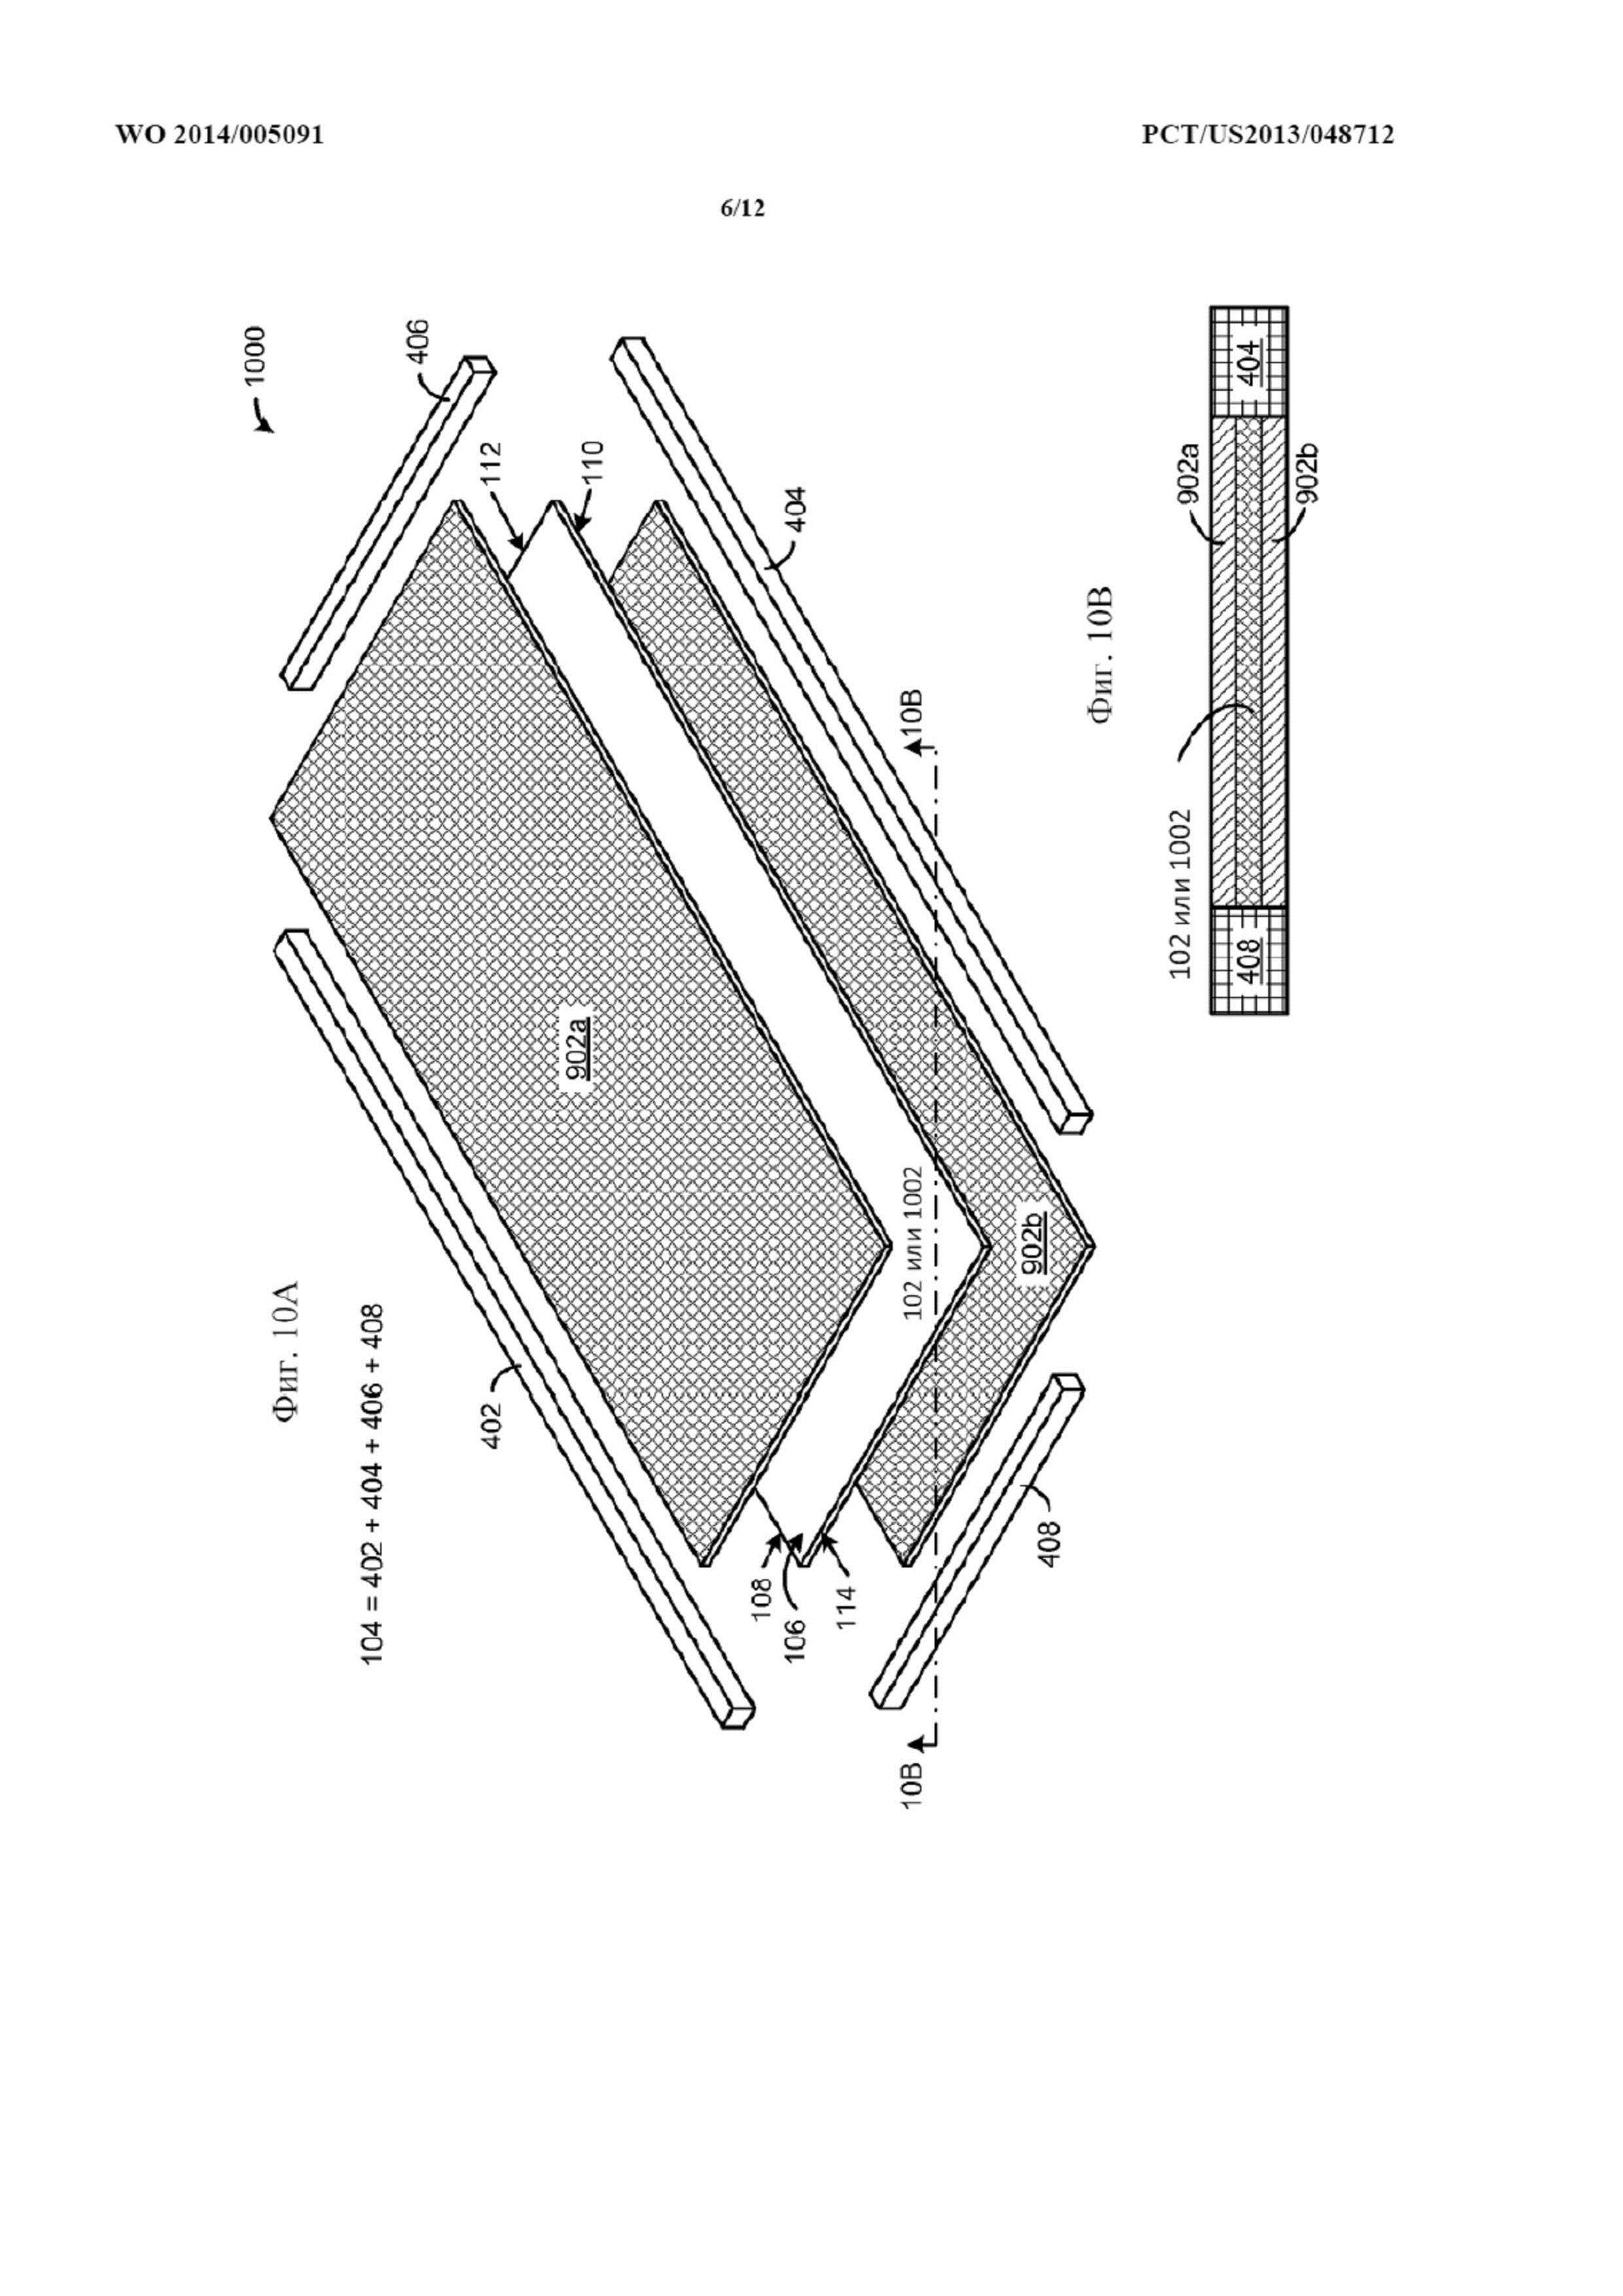 Гипсовые композиты, используемые в огнестойких строительных элементах